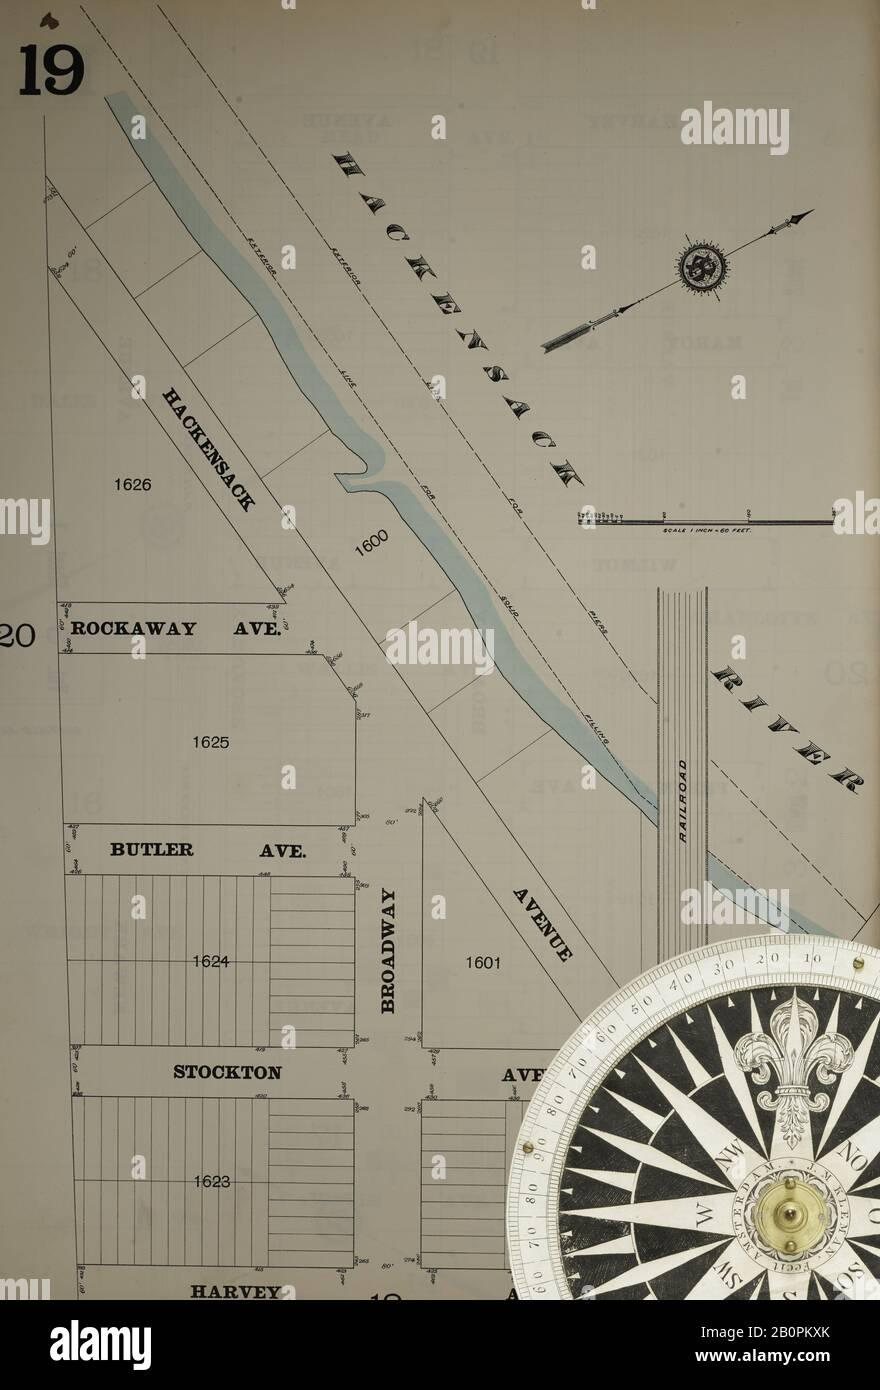 Bild 21 von Sanborn Fire Insurance Map aus Hudson Co., Hudson County, New Jersey. Bd. 5, 1896. 79 Blatt(e). Inklusive Jersey City. Bound, Amerika, Straßenkarte mit einem Kompass Aus Dem 19. Jahrhundert Stockfoto